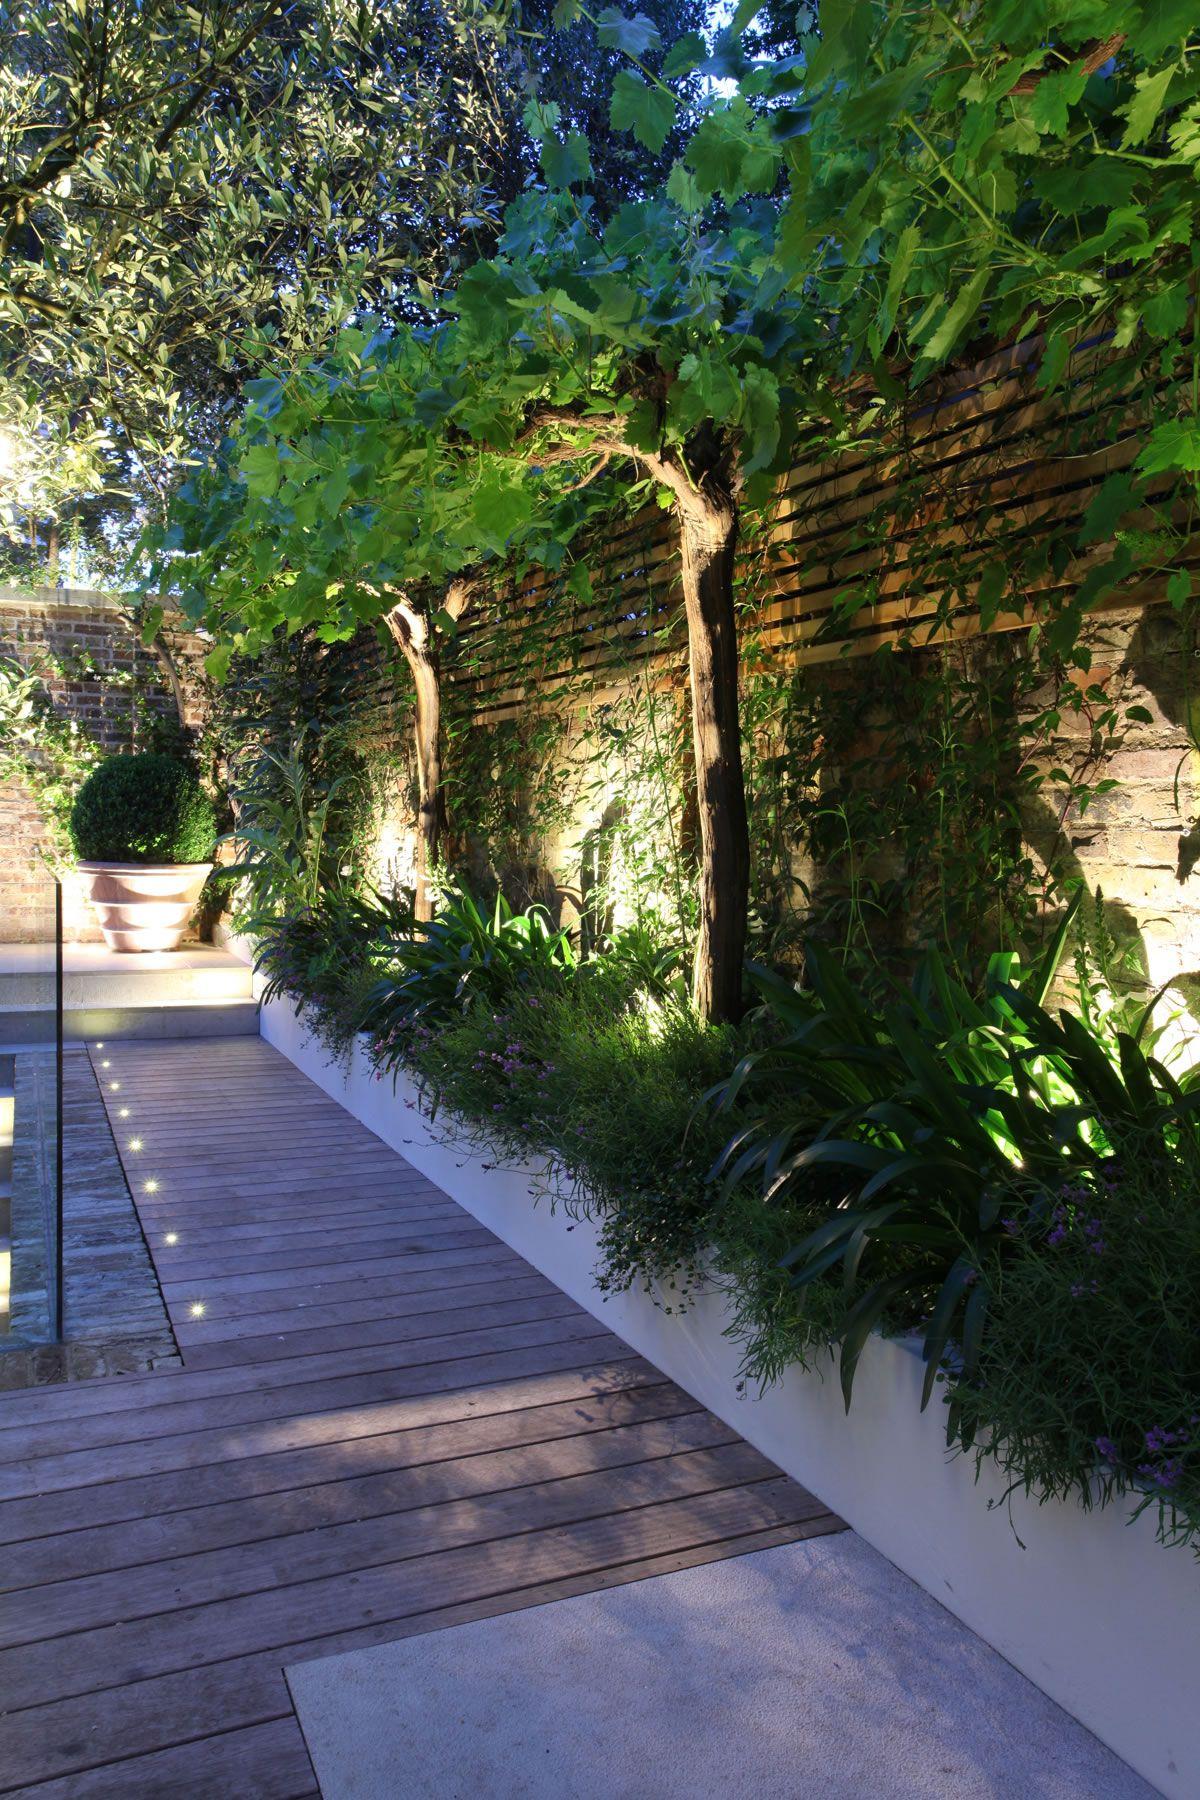 372 En Iyi Zemin Görüntüsü | Peyzaj, Peyzaj Tasarımları Ve ... avec Jardin Zen Belgique